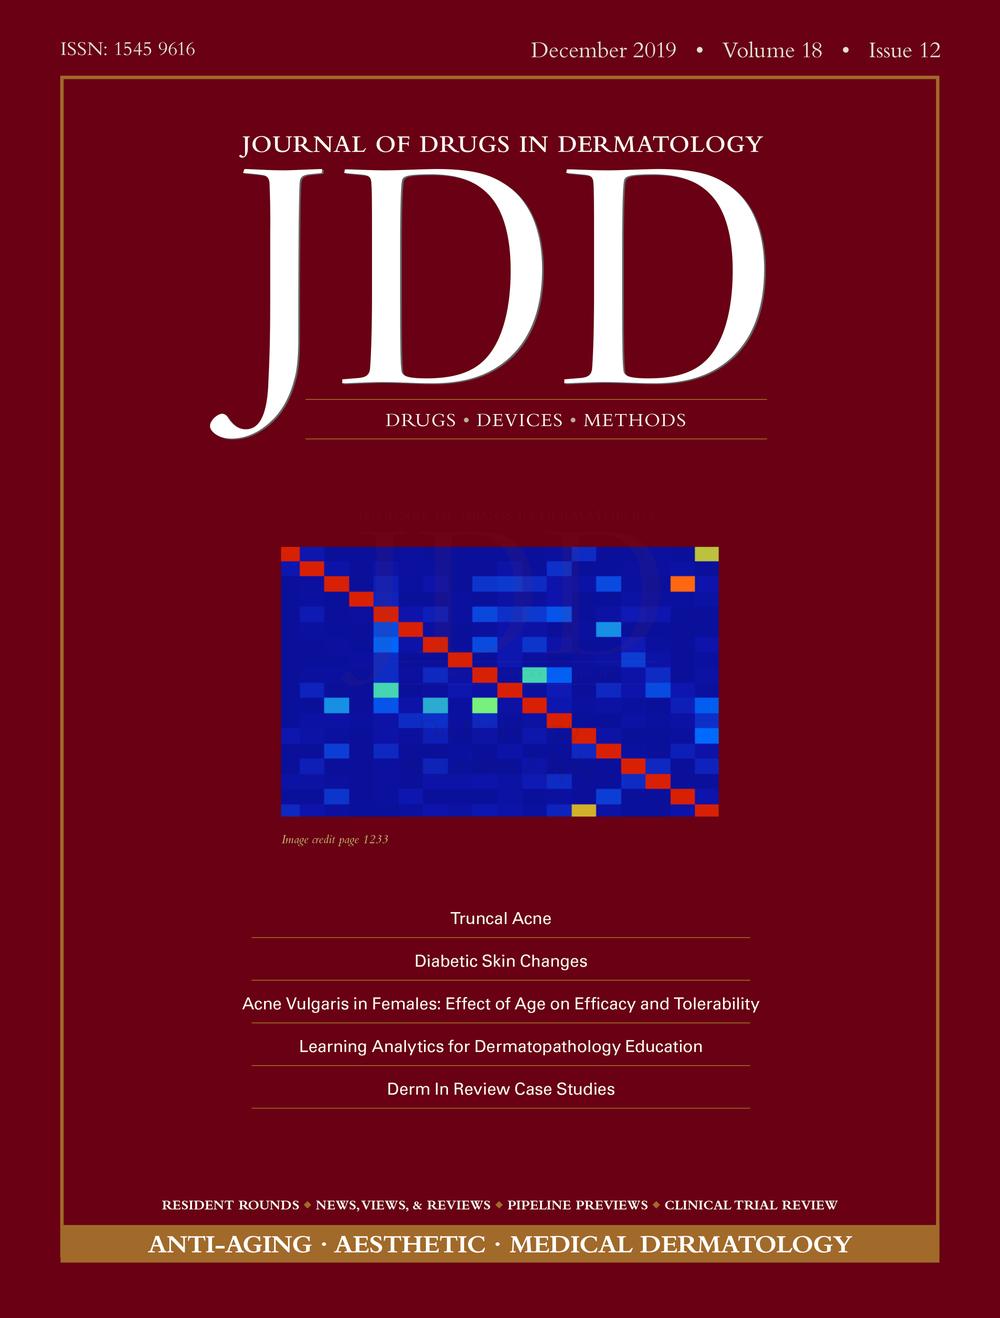 JDD December 2019